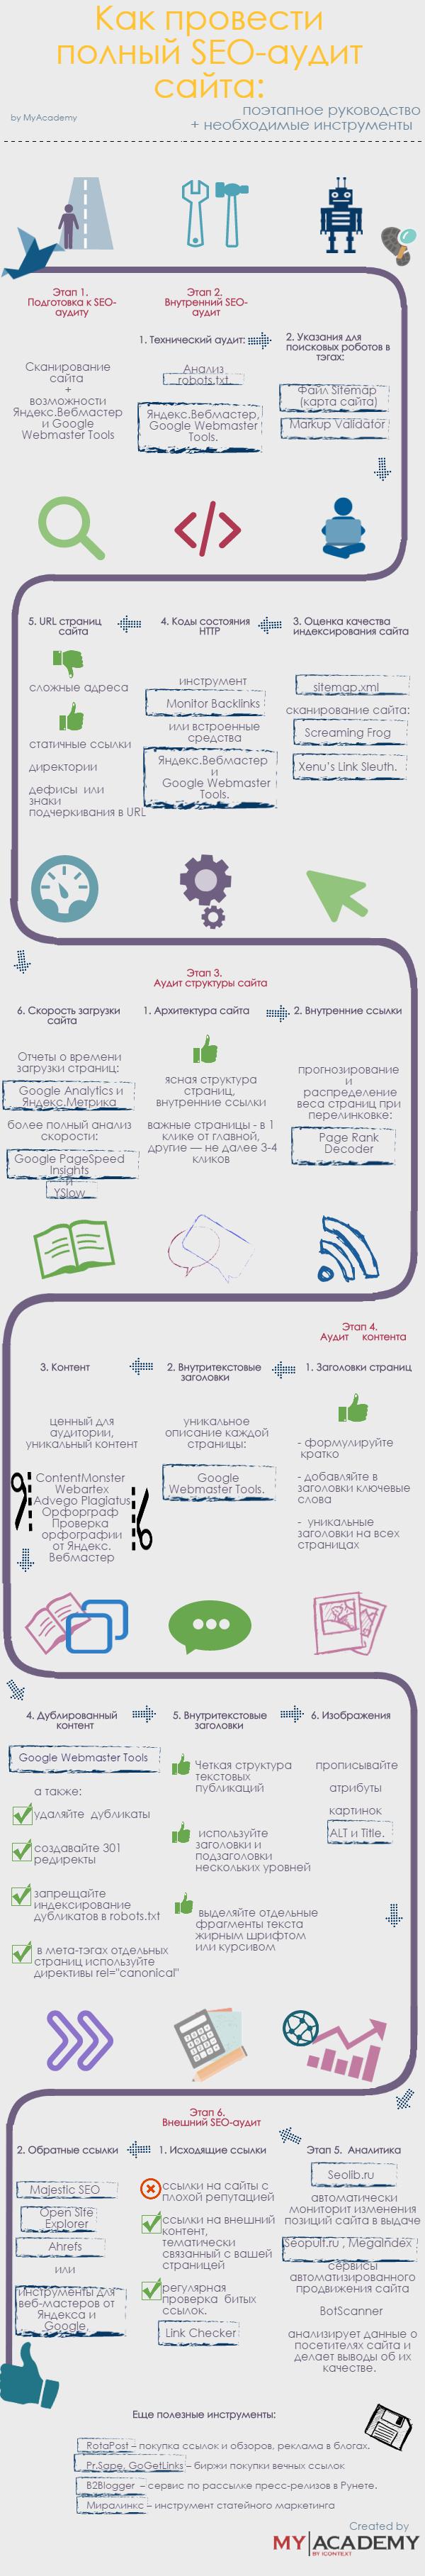 SEO-аудит сайта бесплатно: инфографика